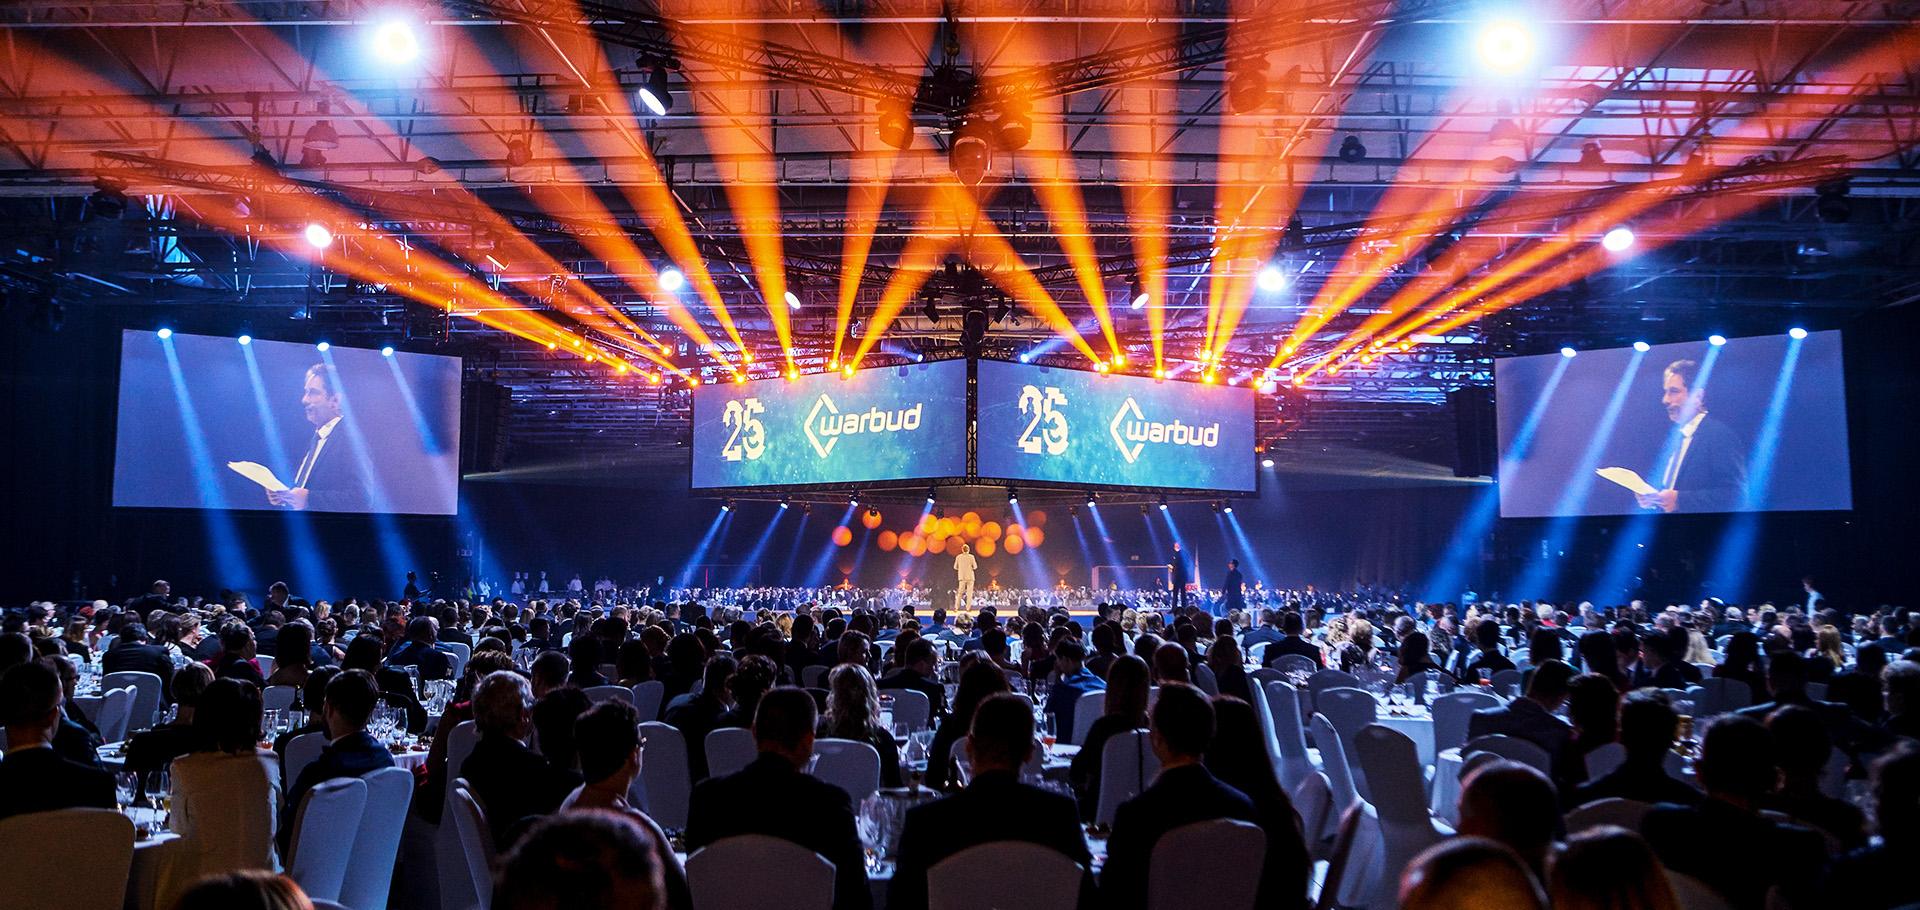 Uroczysta gala na 25-lecie firmy Warbud - Hala EXPO XXI